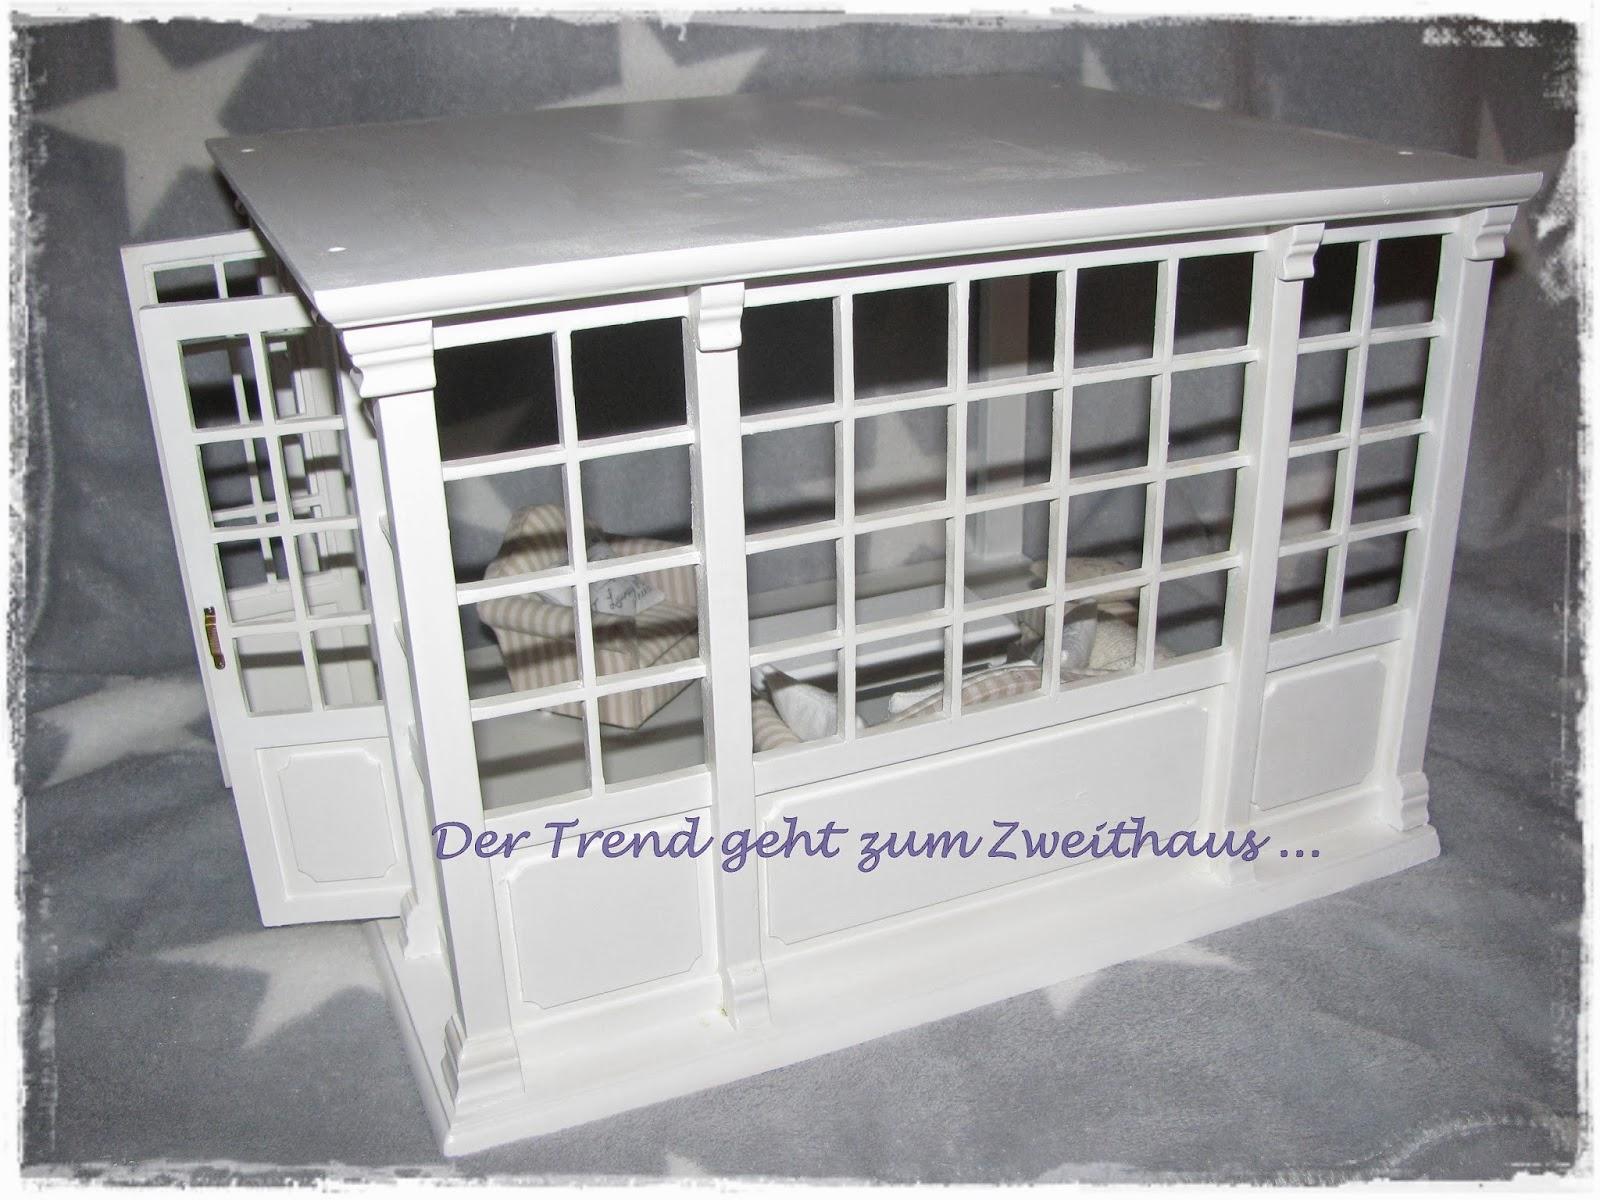 der trend geht zum zweithaus m rz 2014. Black Bedroom Furniture Sets. Home Design Ideas